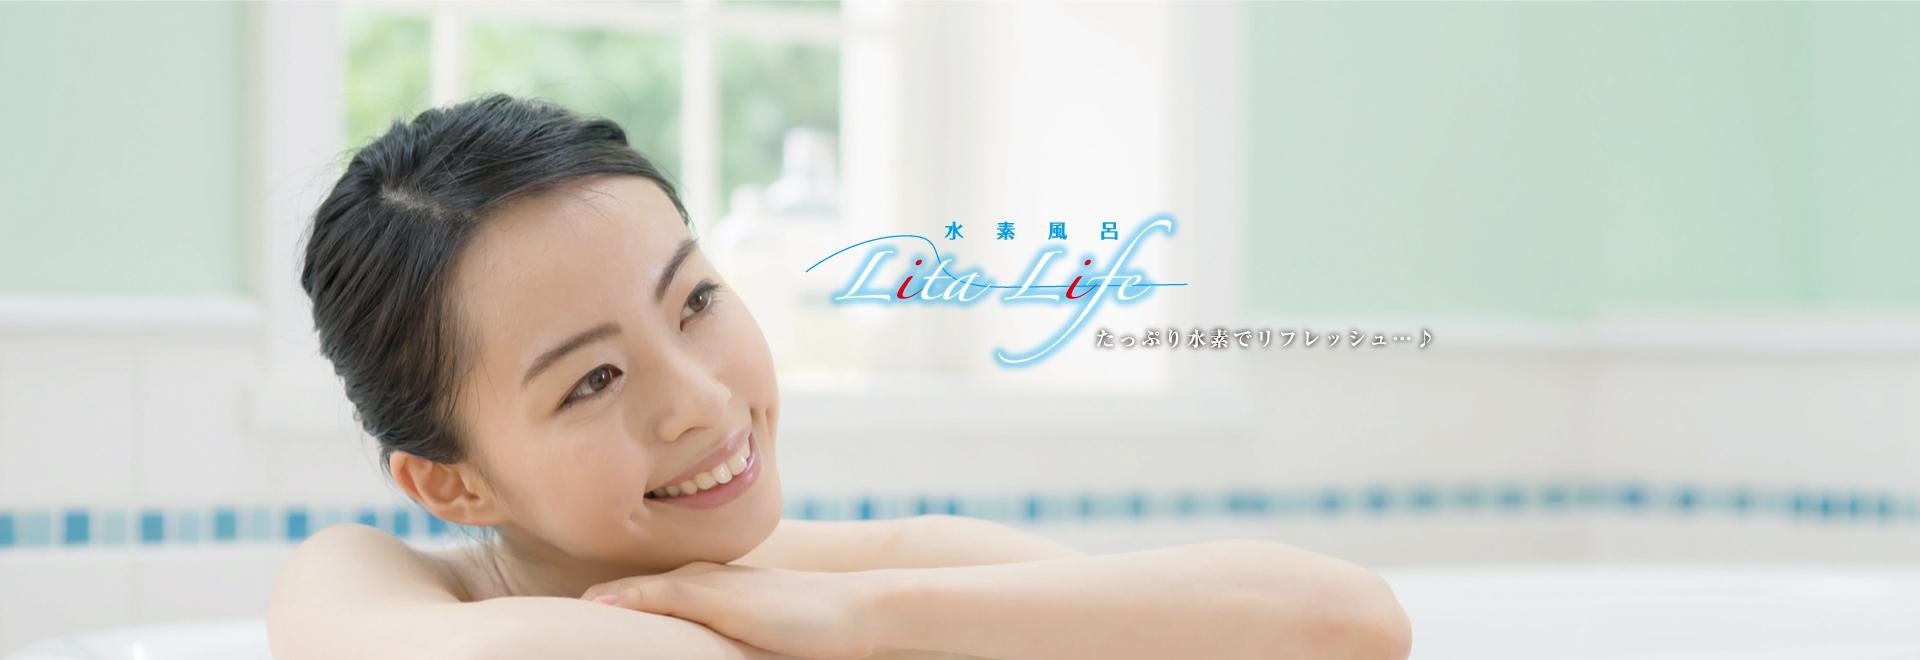 水素風呂 vs ○○○の湯